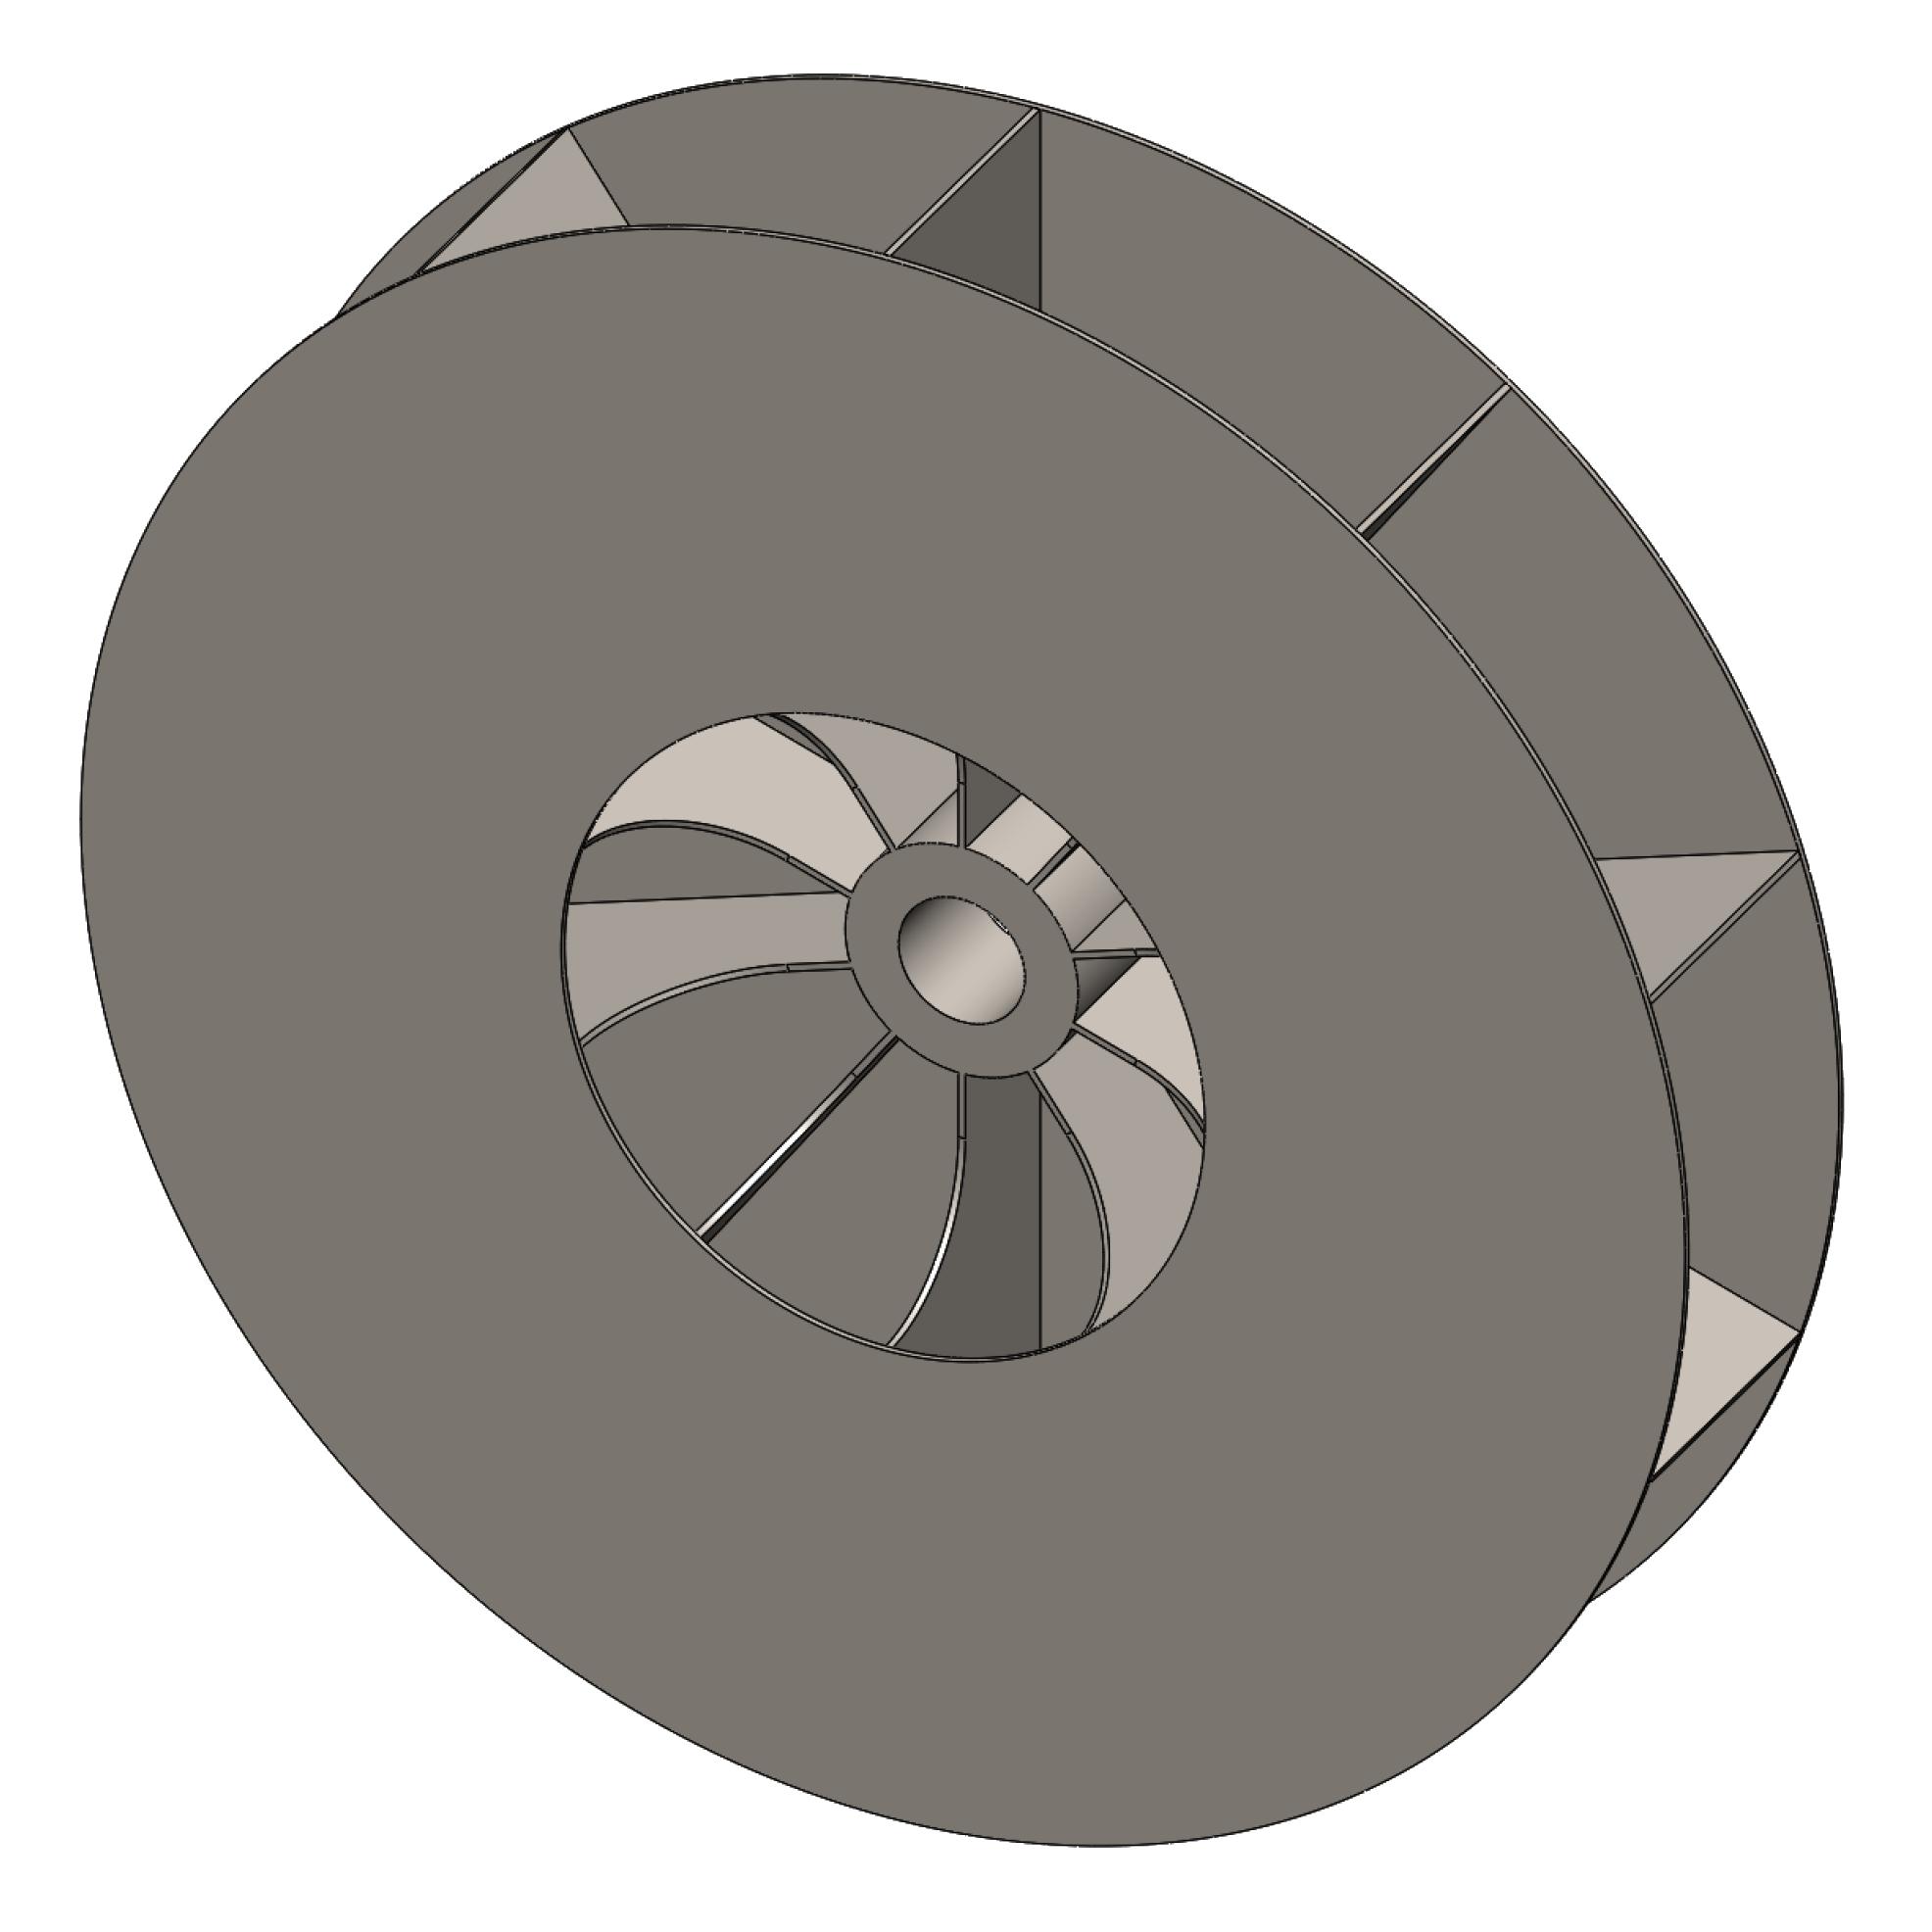 Blower Fan Design : High pressure blower radial shrouded airpro fan